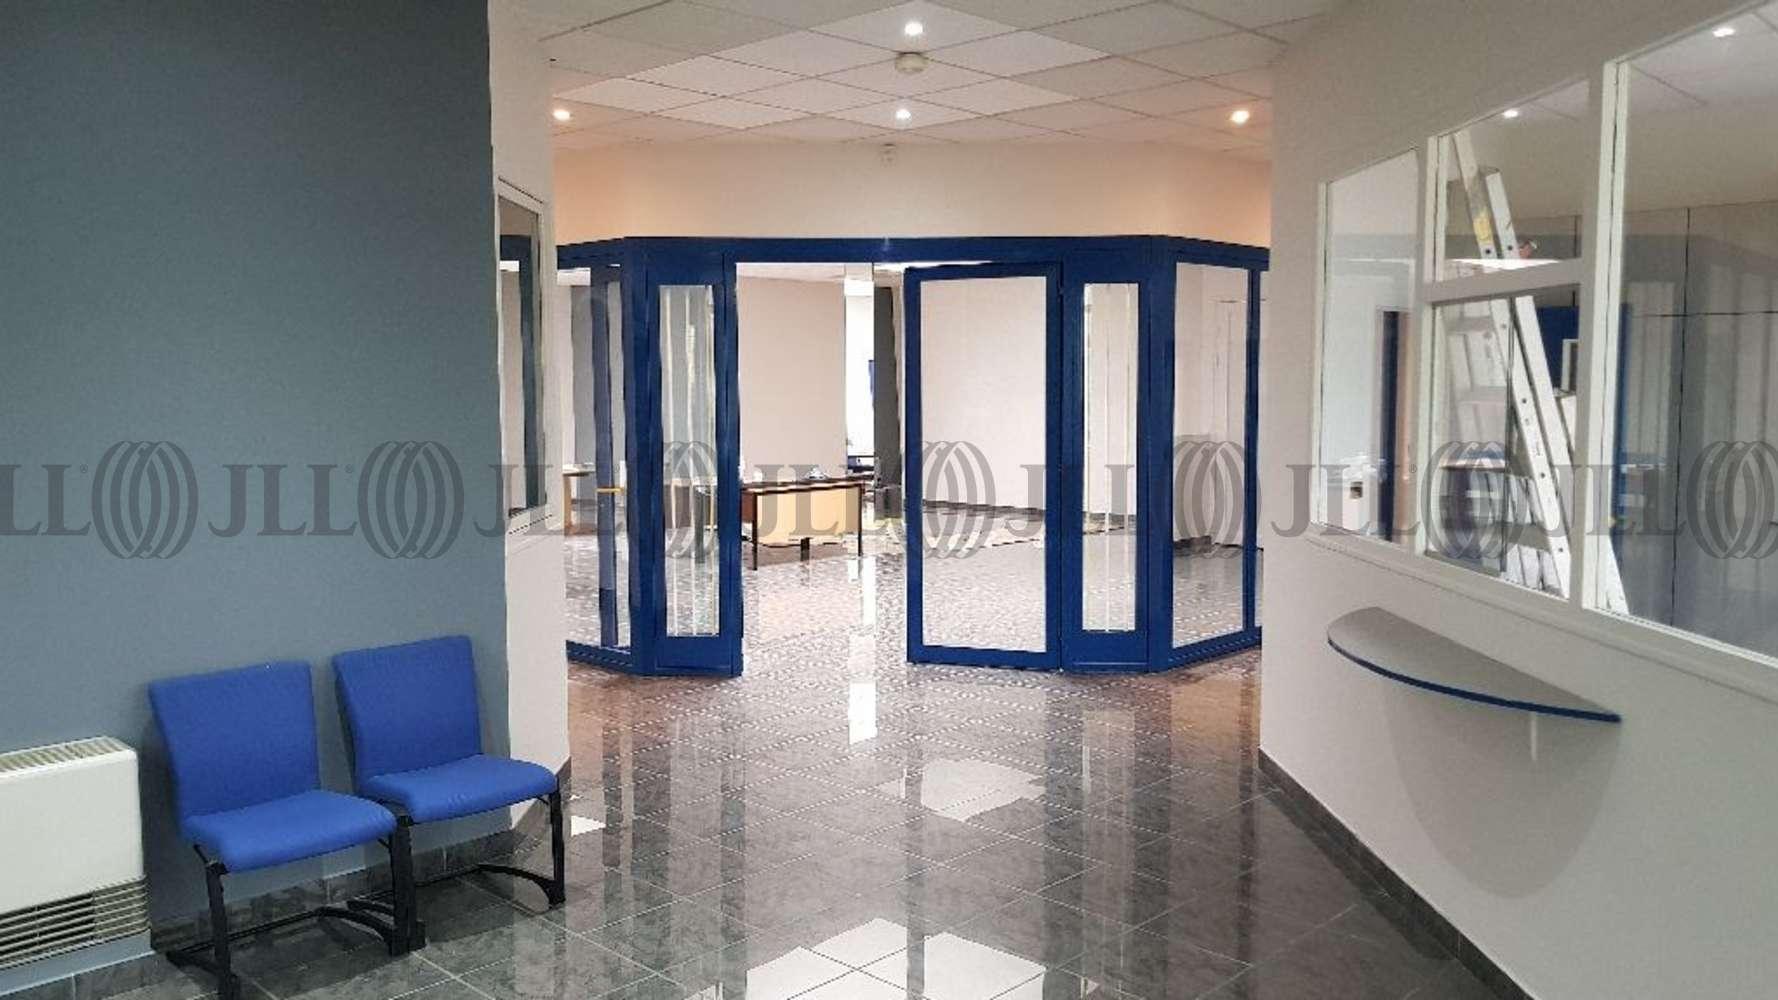 Bureaux St quentin fallavier, 38070 - Bâtiment d'activité et de bureaux Isère - 9959505